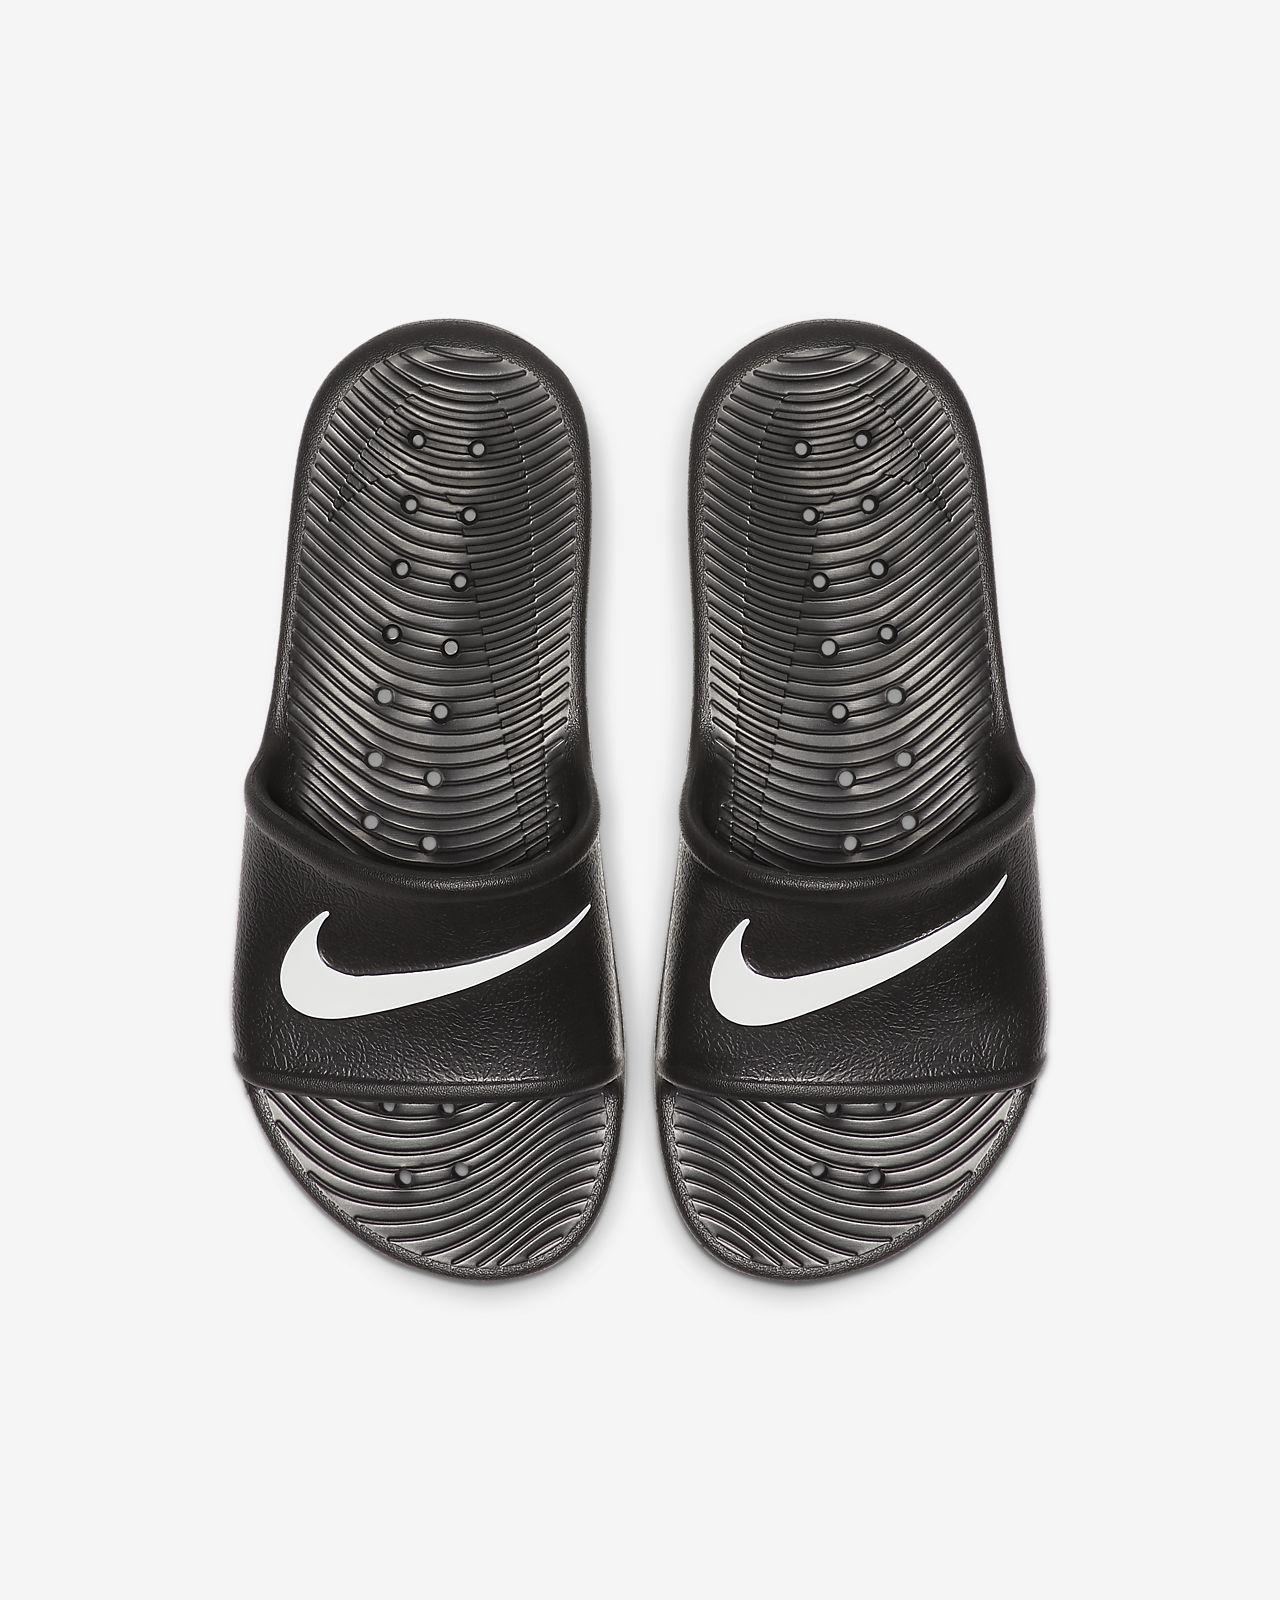 Klapki dla małychdużych dzieci Nike Kawa Shower